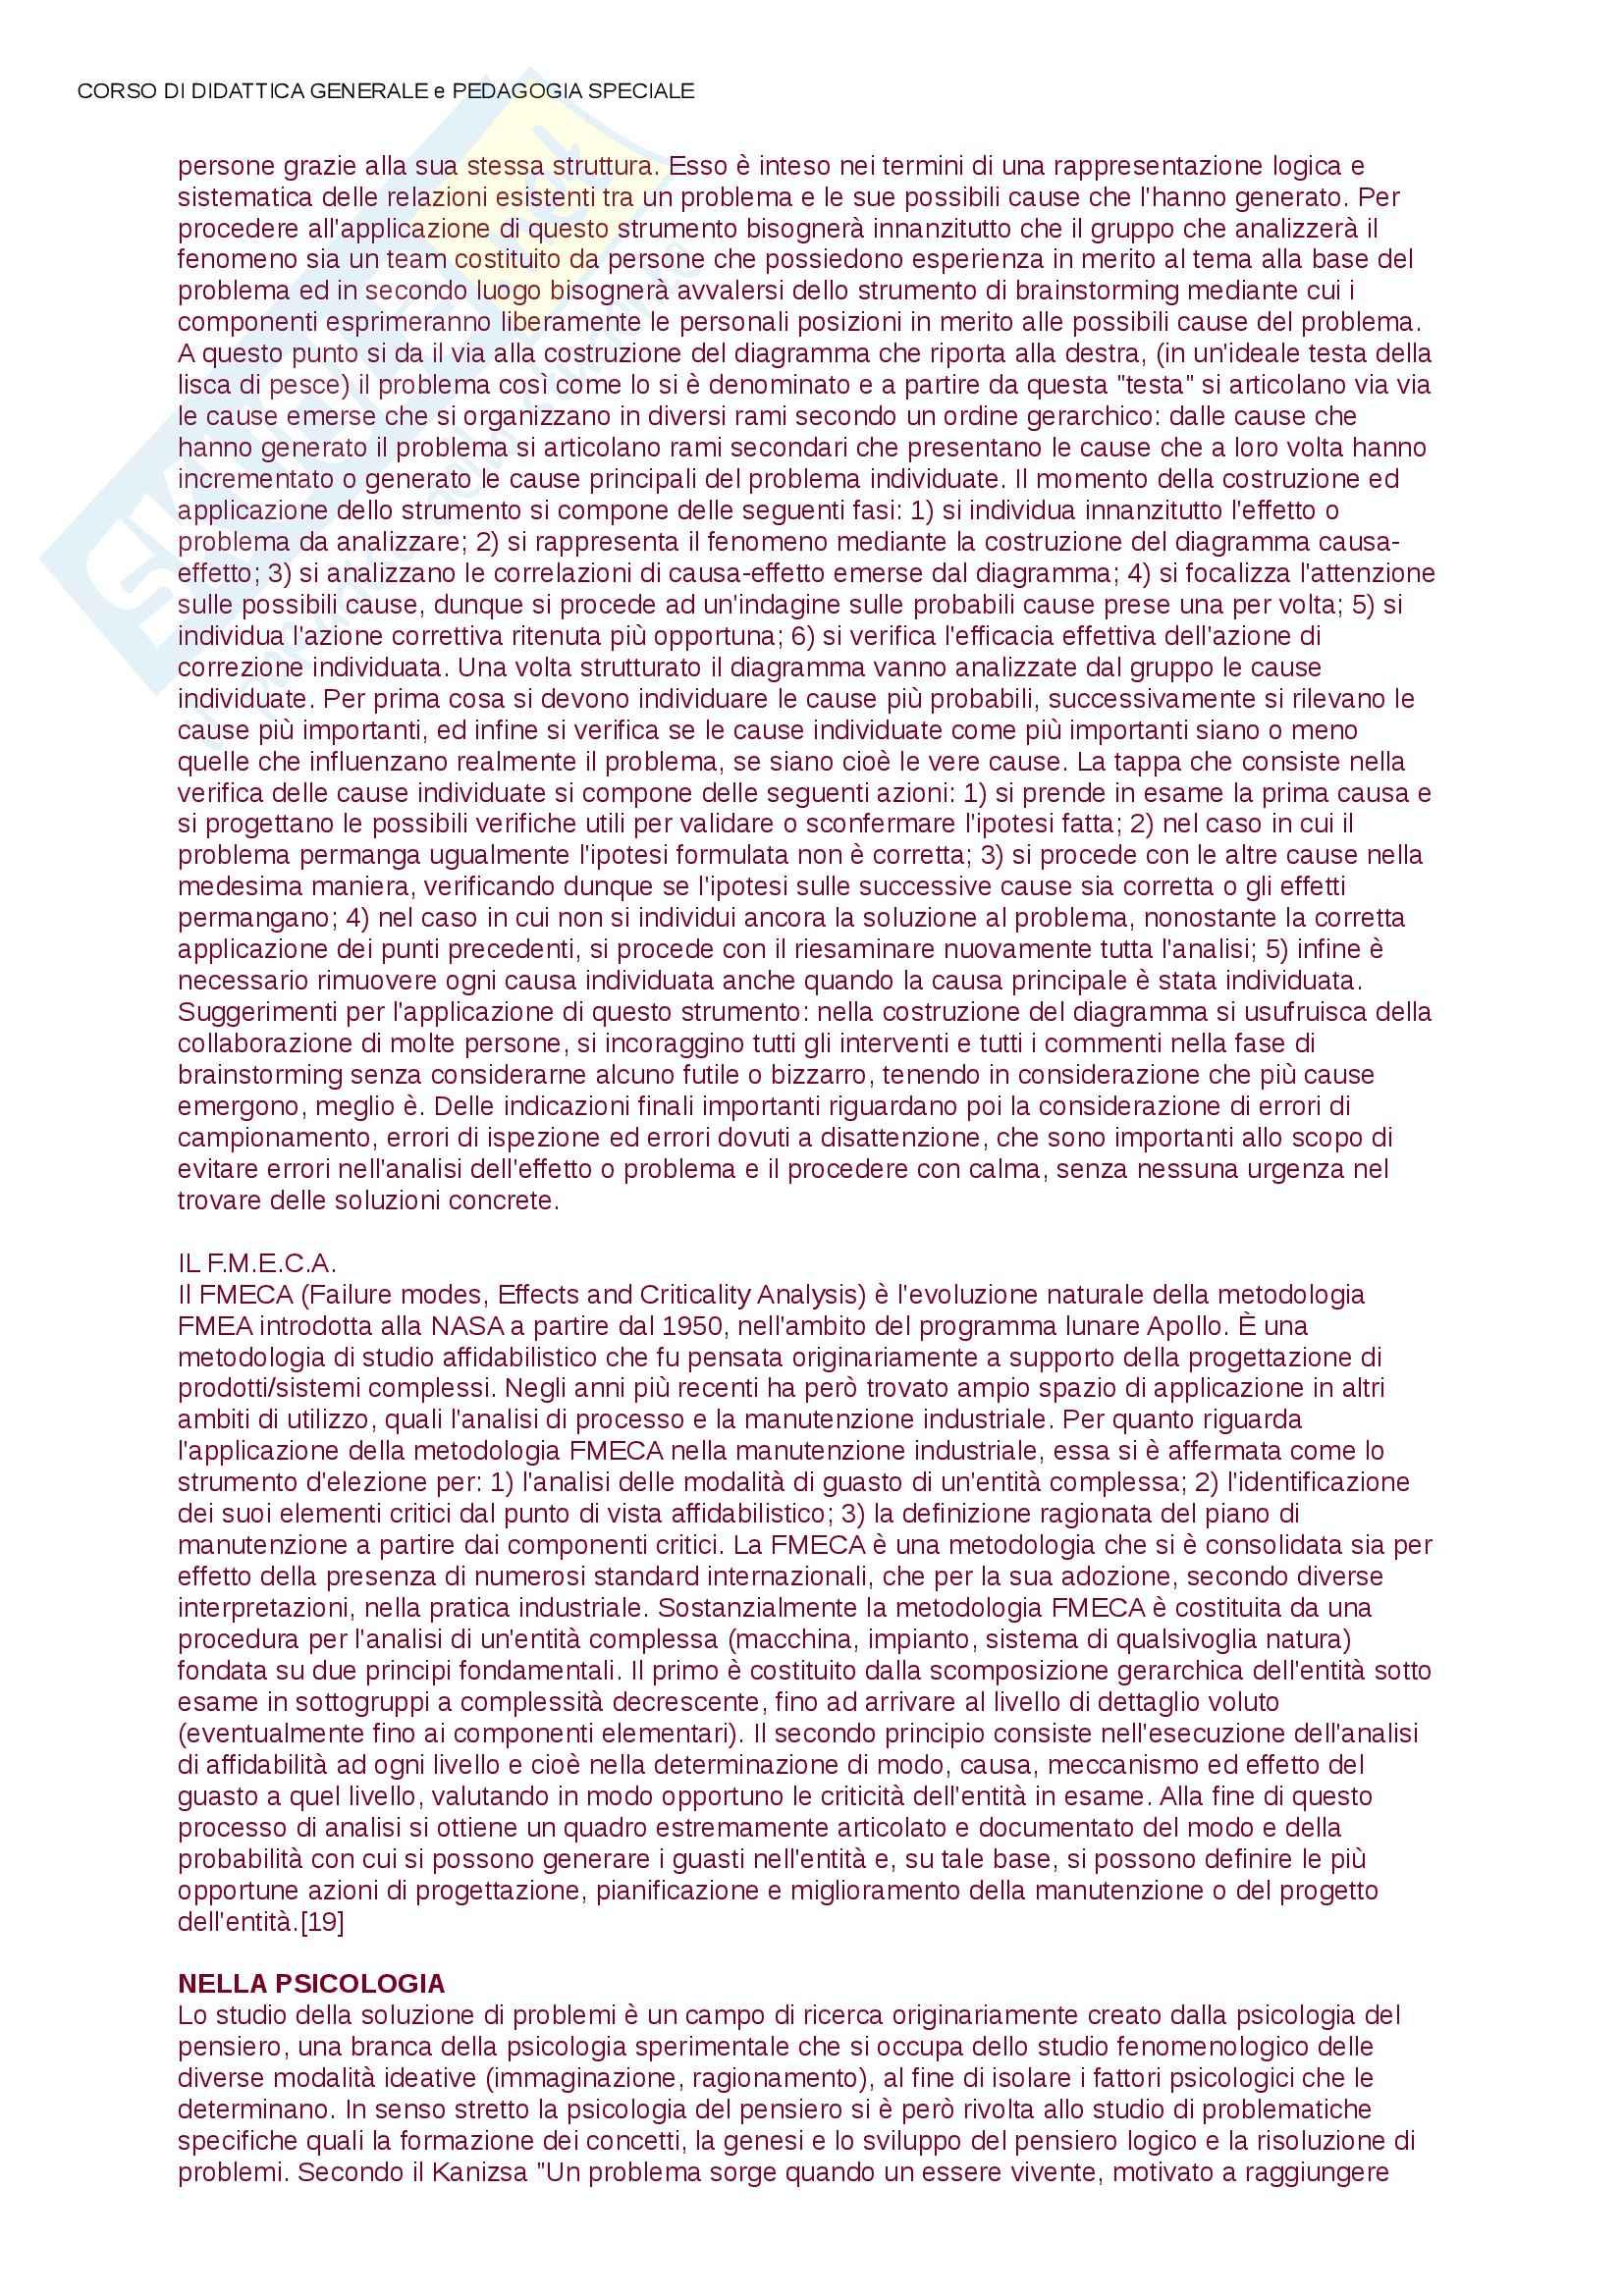 Lezioni, approfondimenti, Didattica e Pedagogia Speciale Pag. 36